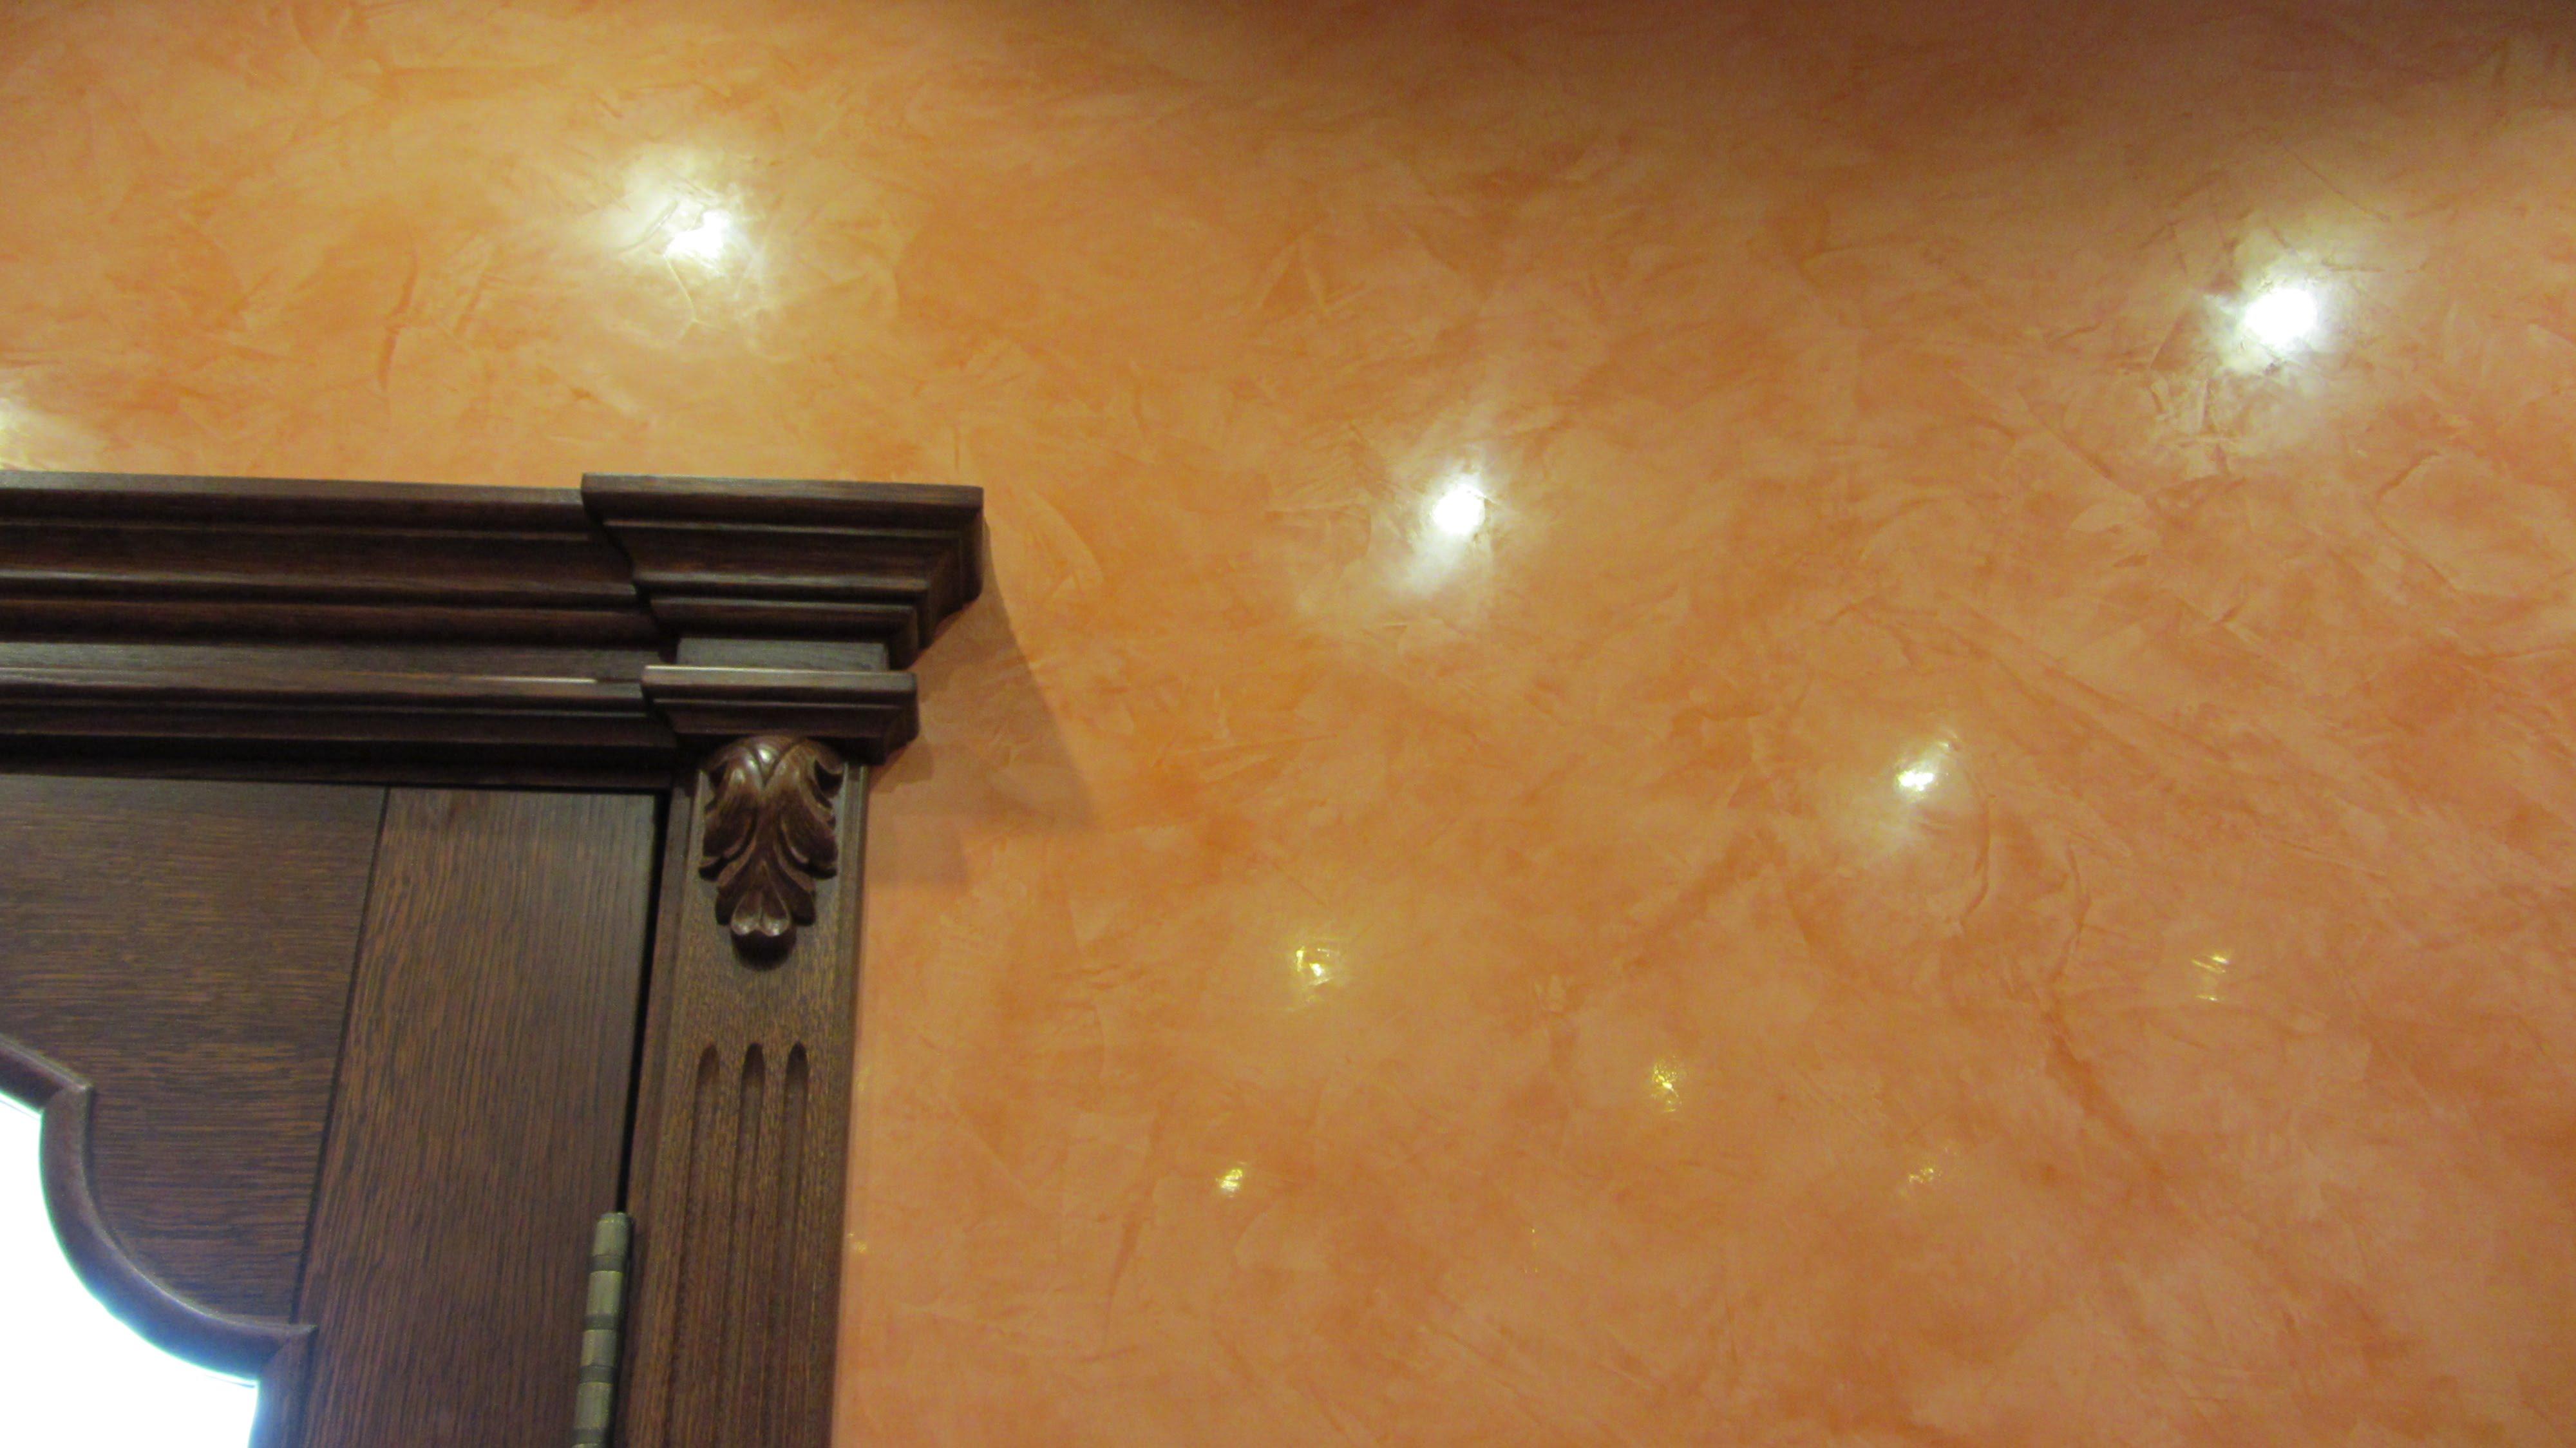 Декоративная Венецианская Штукатурка в Прихожей, Варианты Отделки и Дизайна Коридора